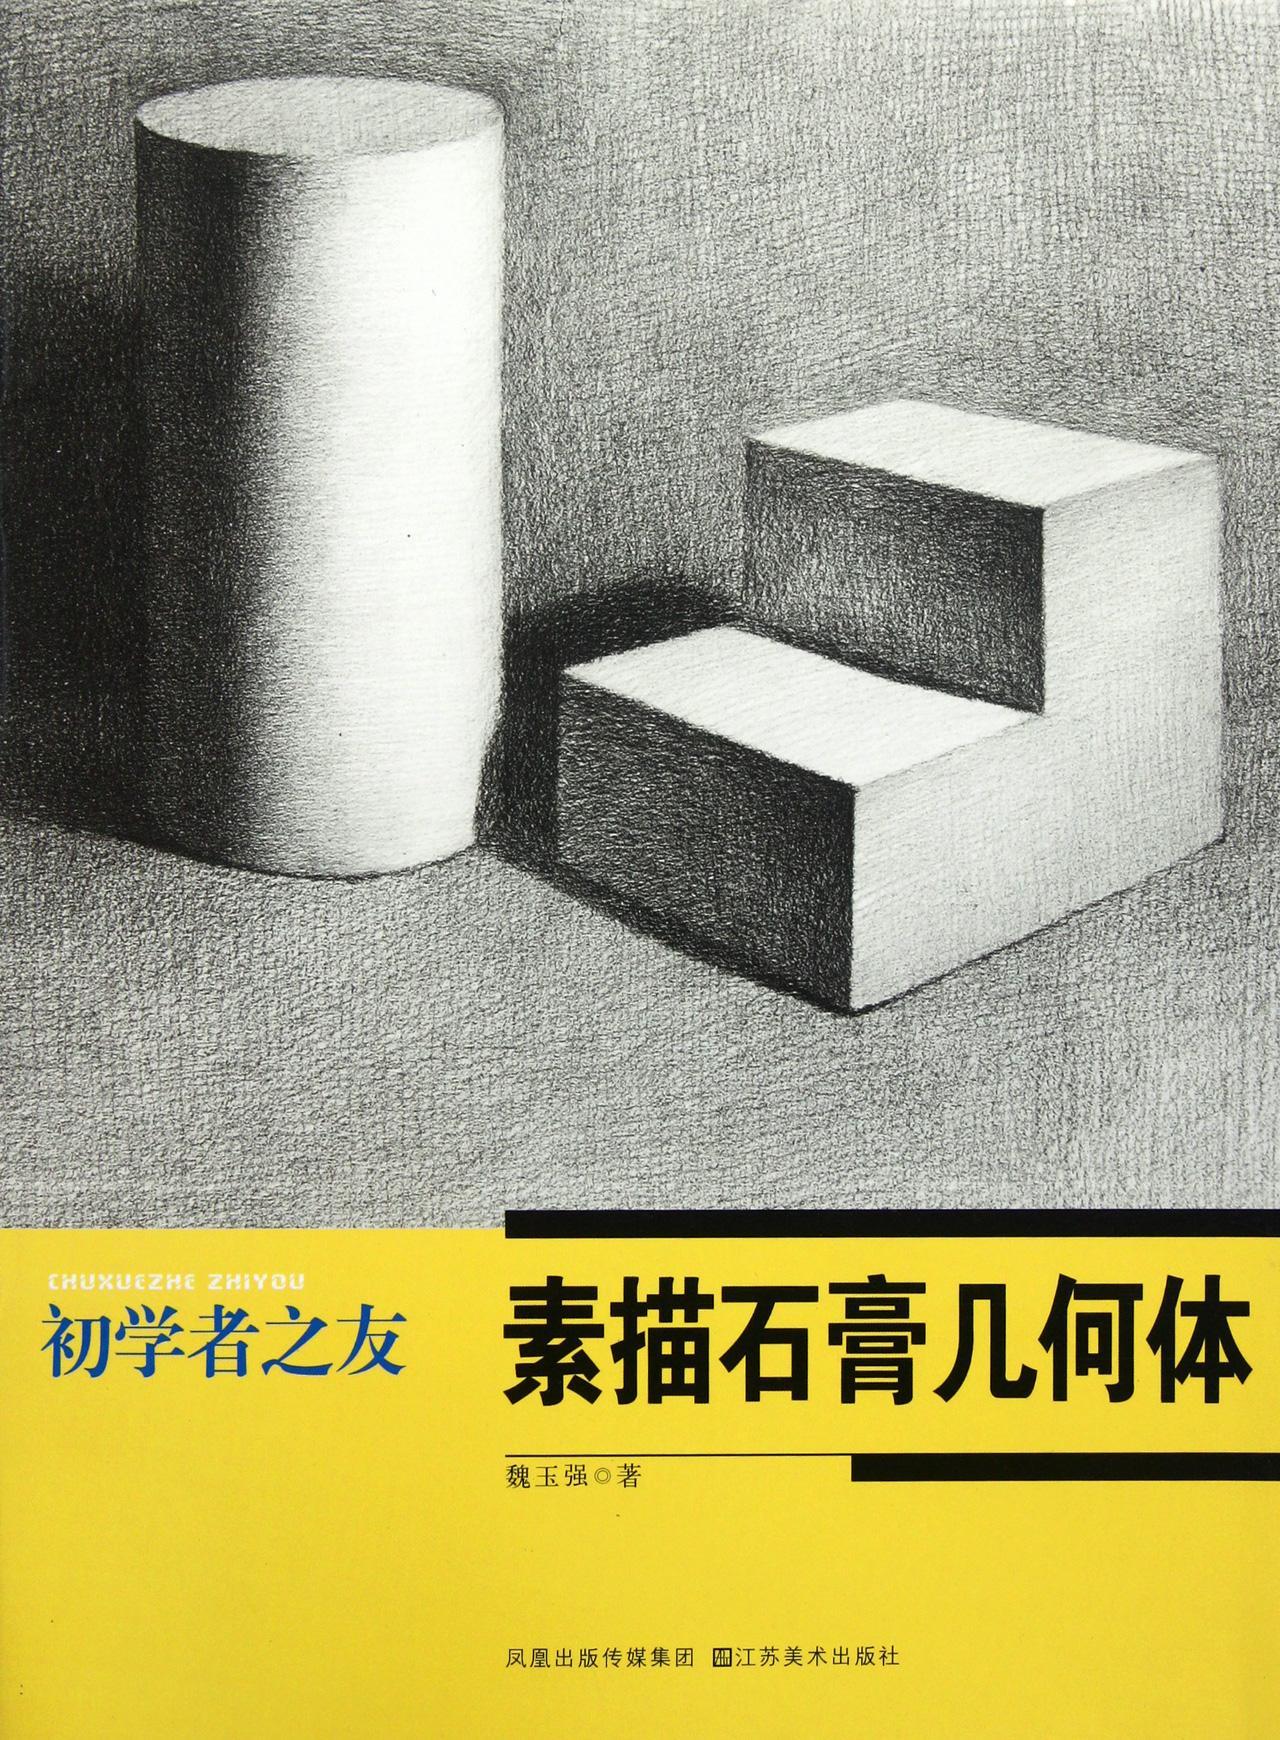 素描石膏几何体图片